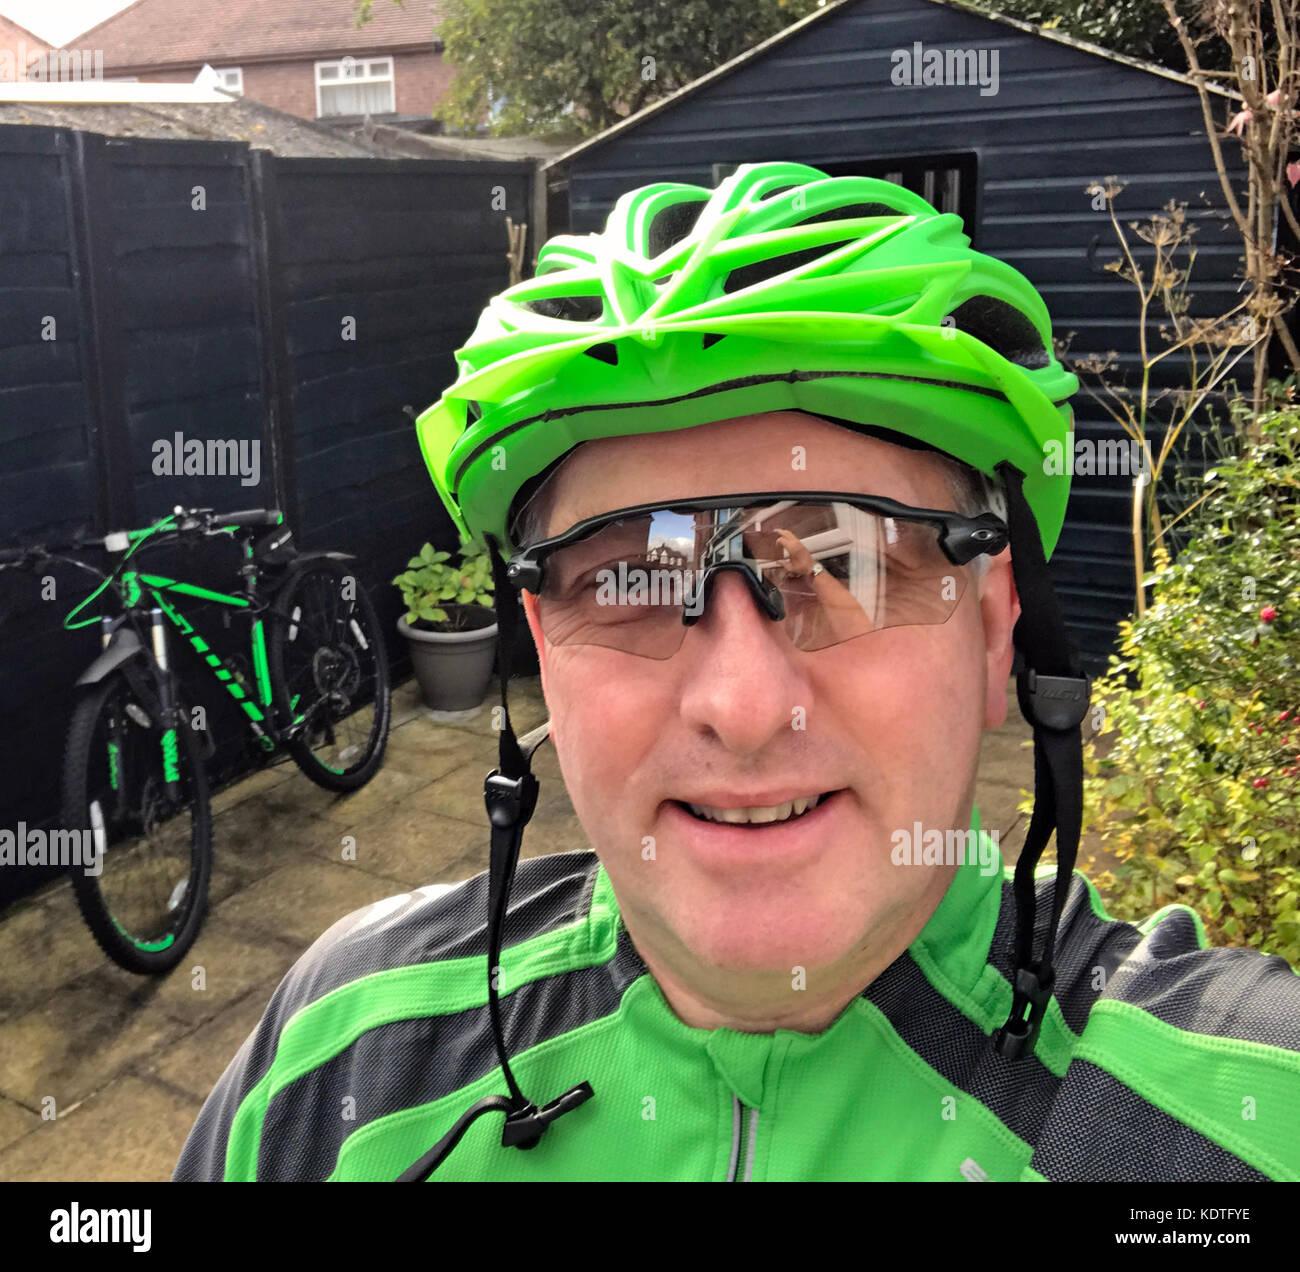 gotonysmith,Cyclist